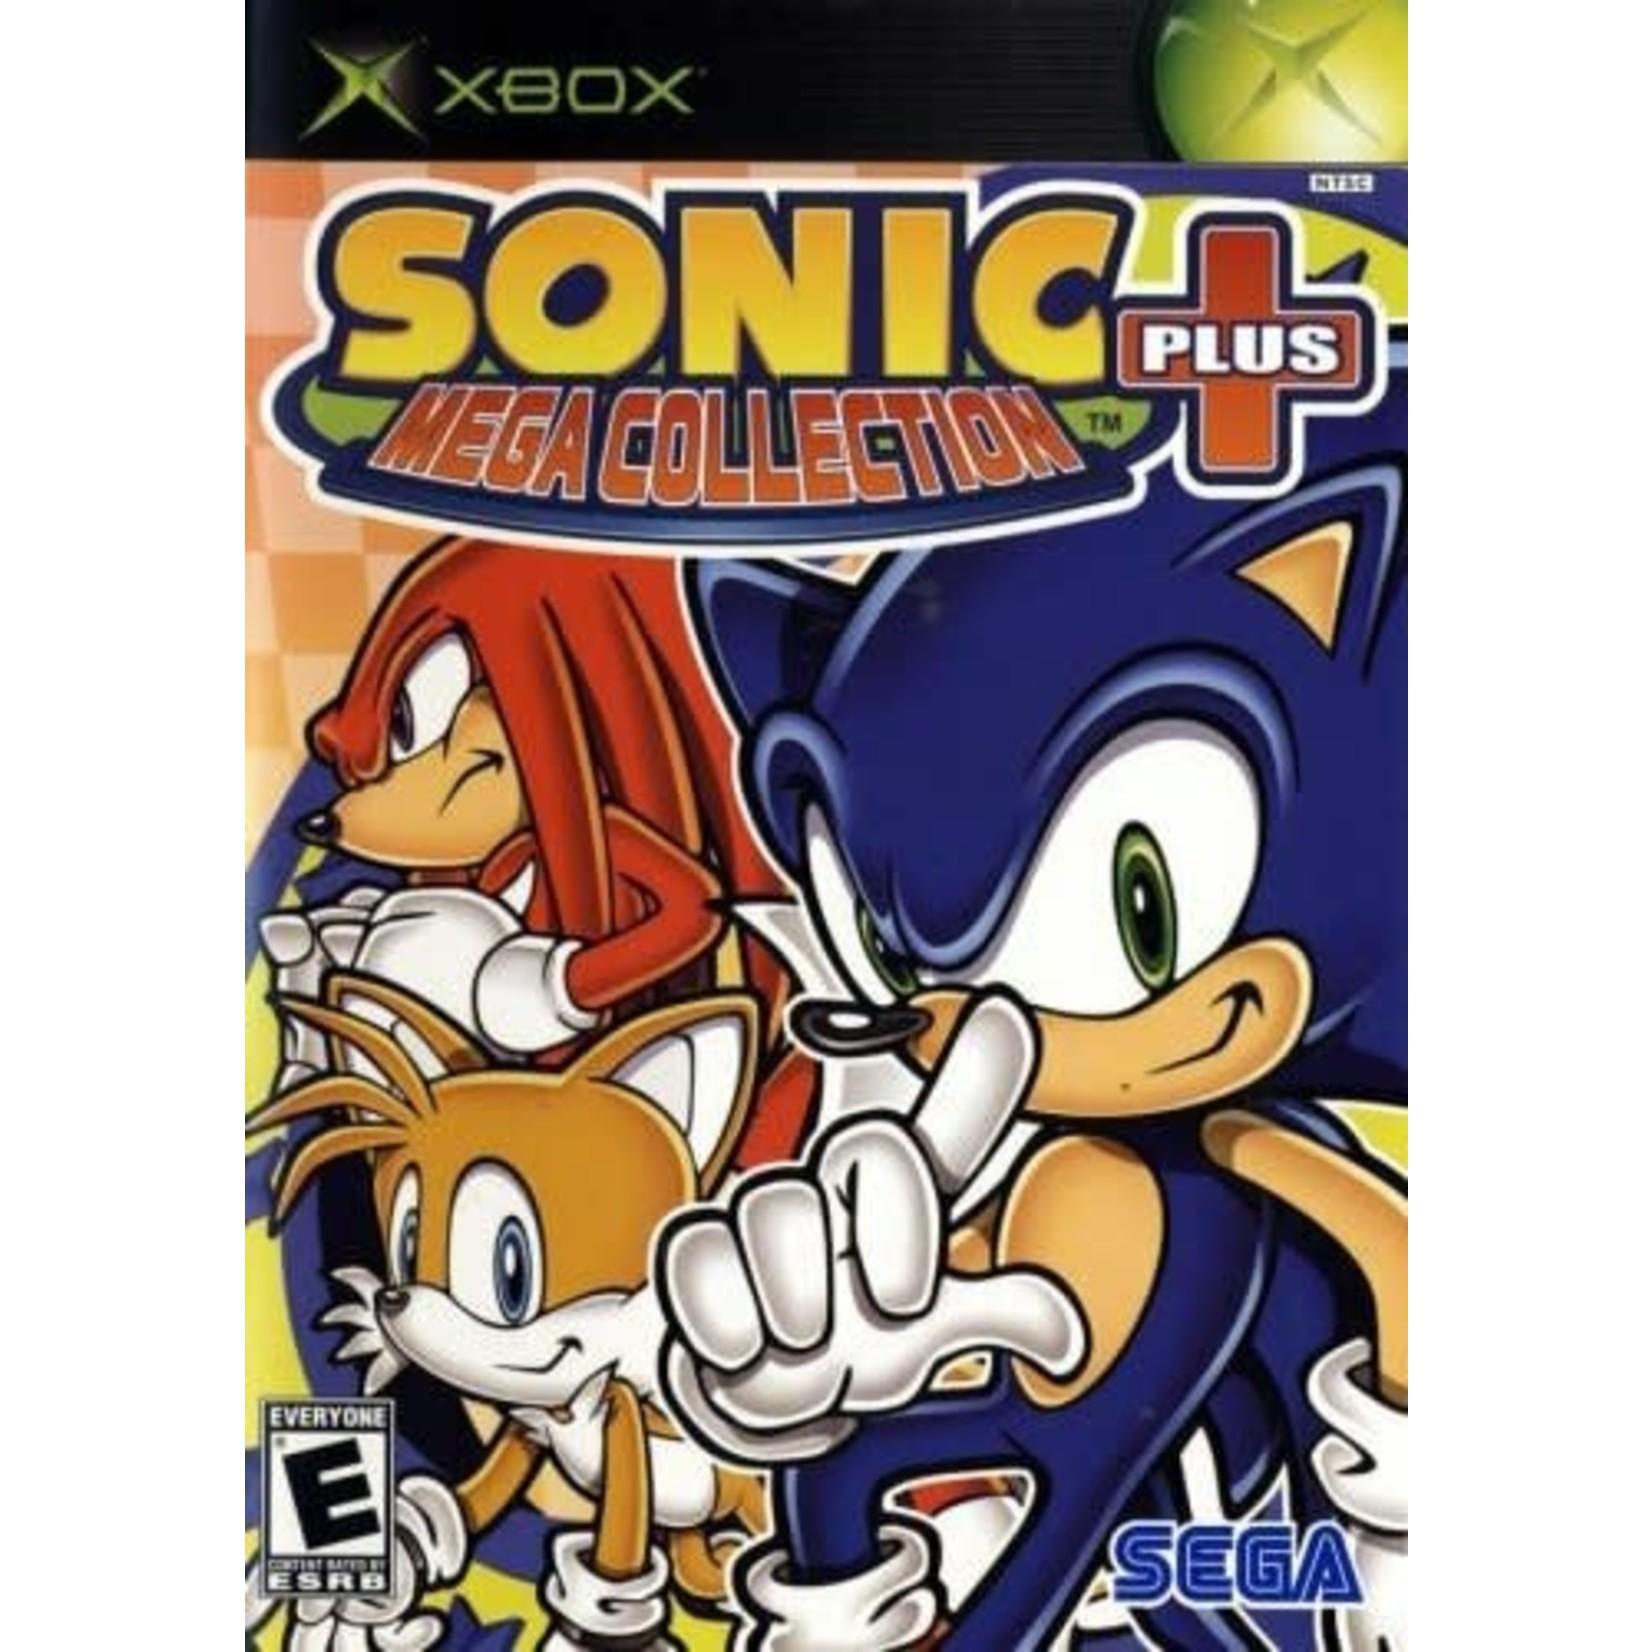 XBU-Sonic Mega Collection Plus